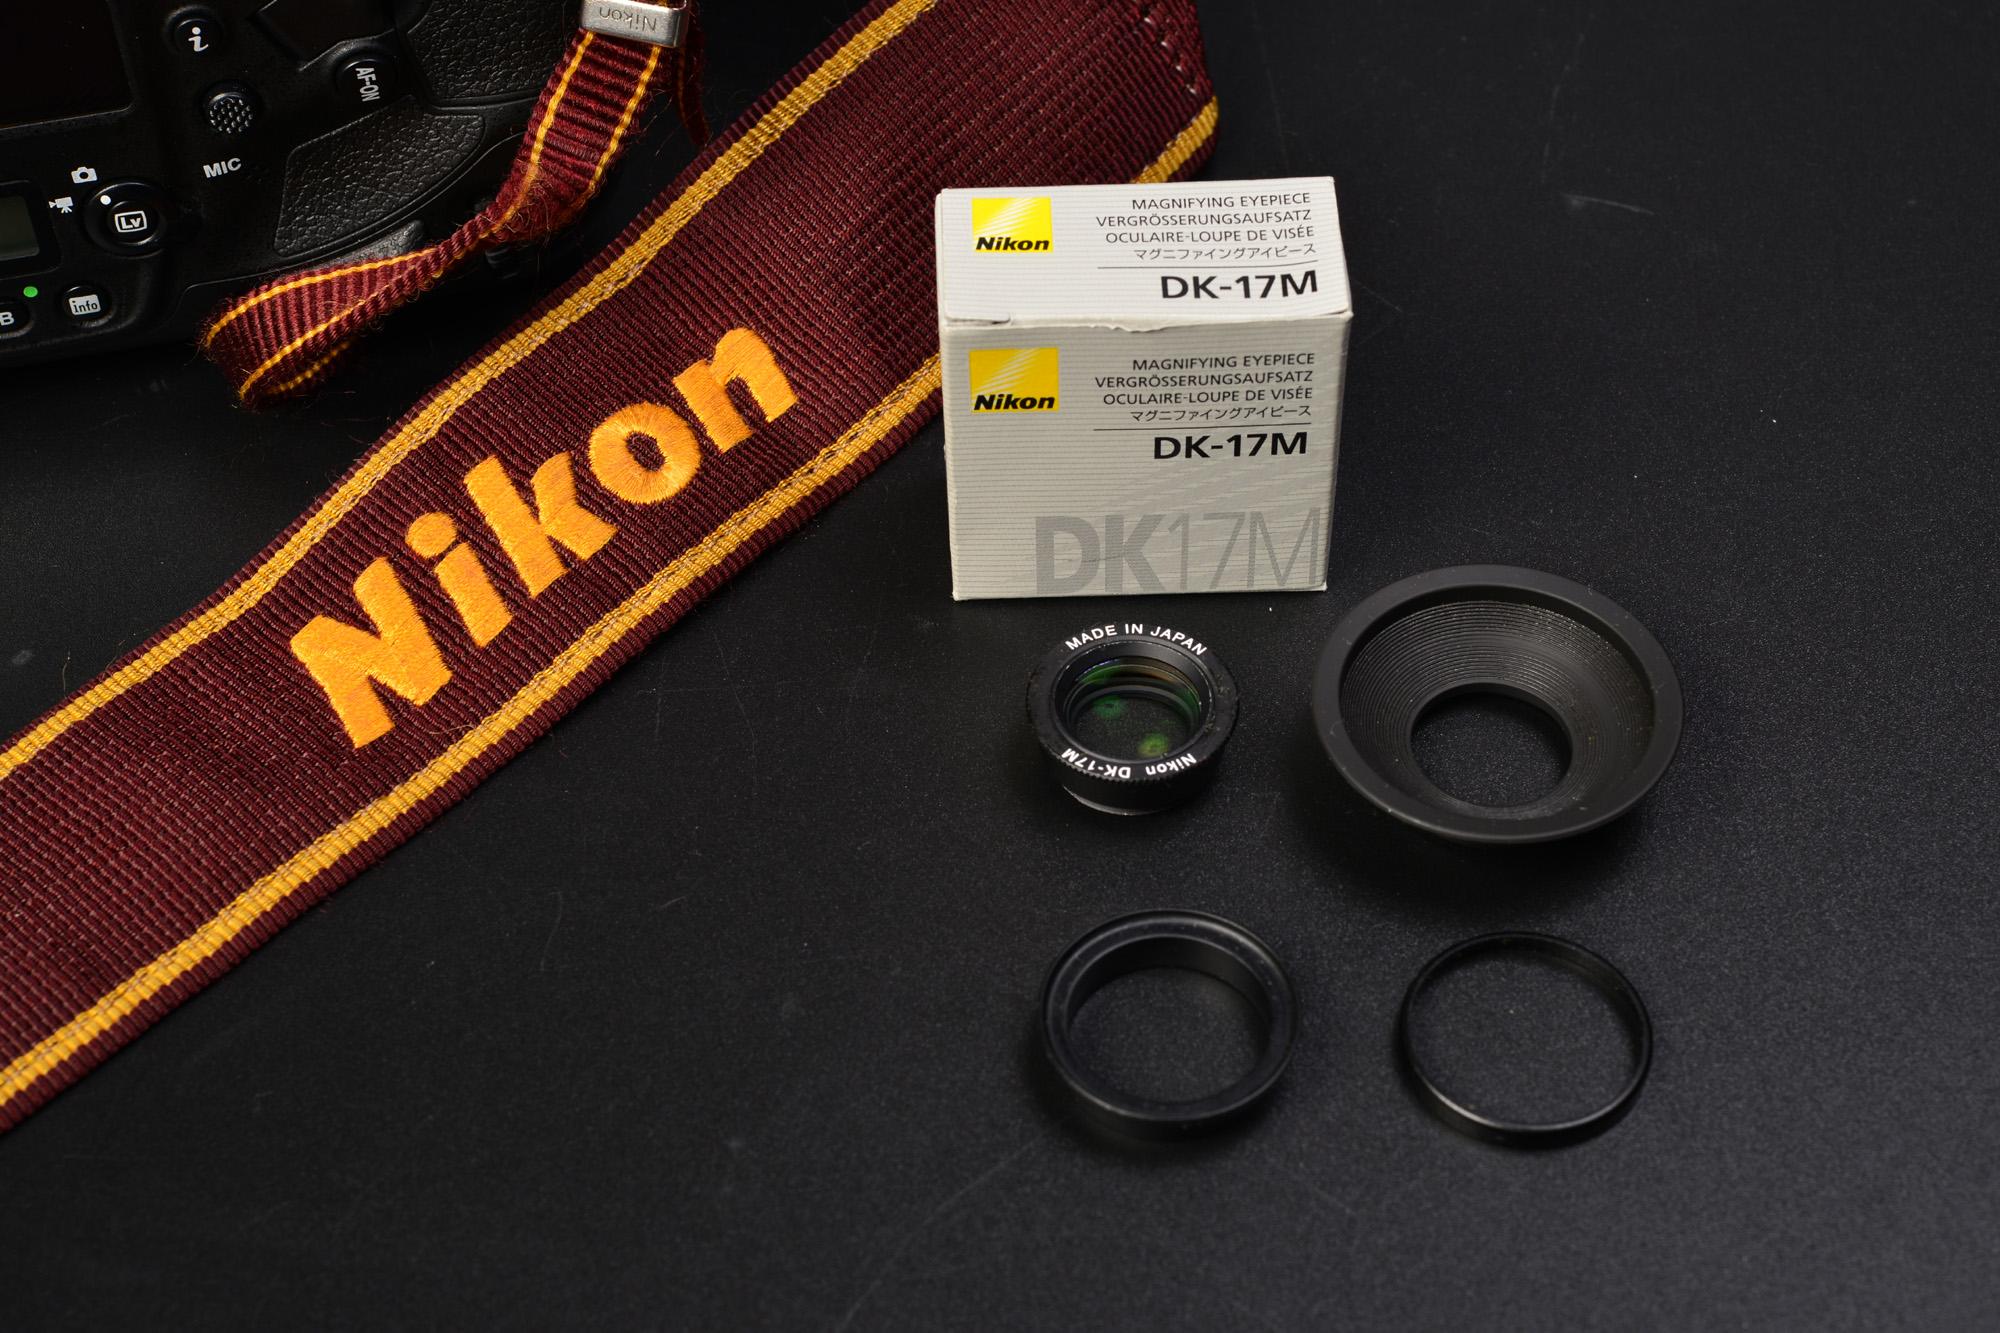 マグニファイヤーアイピース Nikon DK-17M D5 取り付け方とレビュー ニコン 丸窓 ファインダー